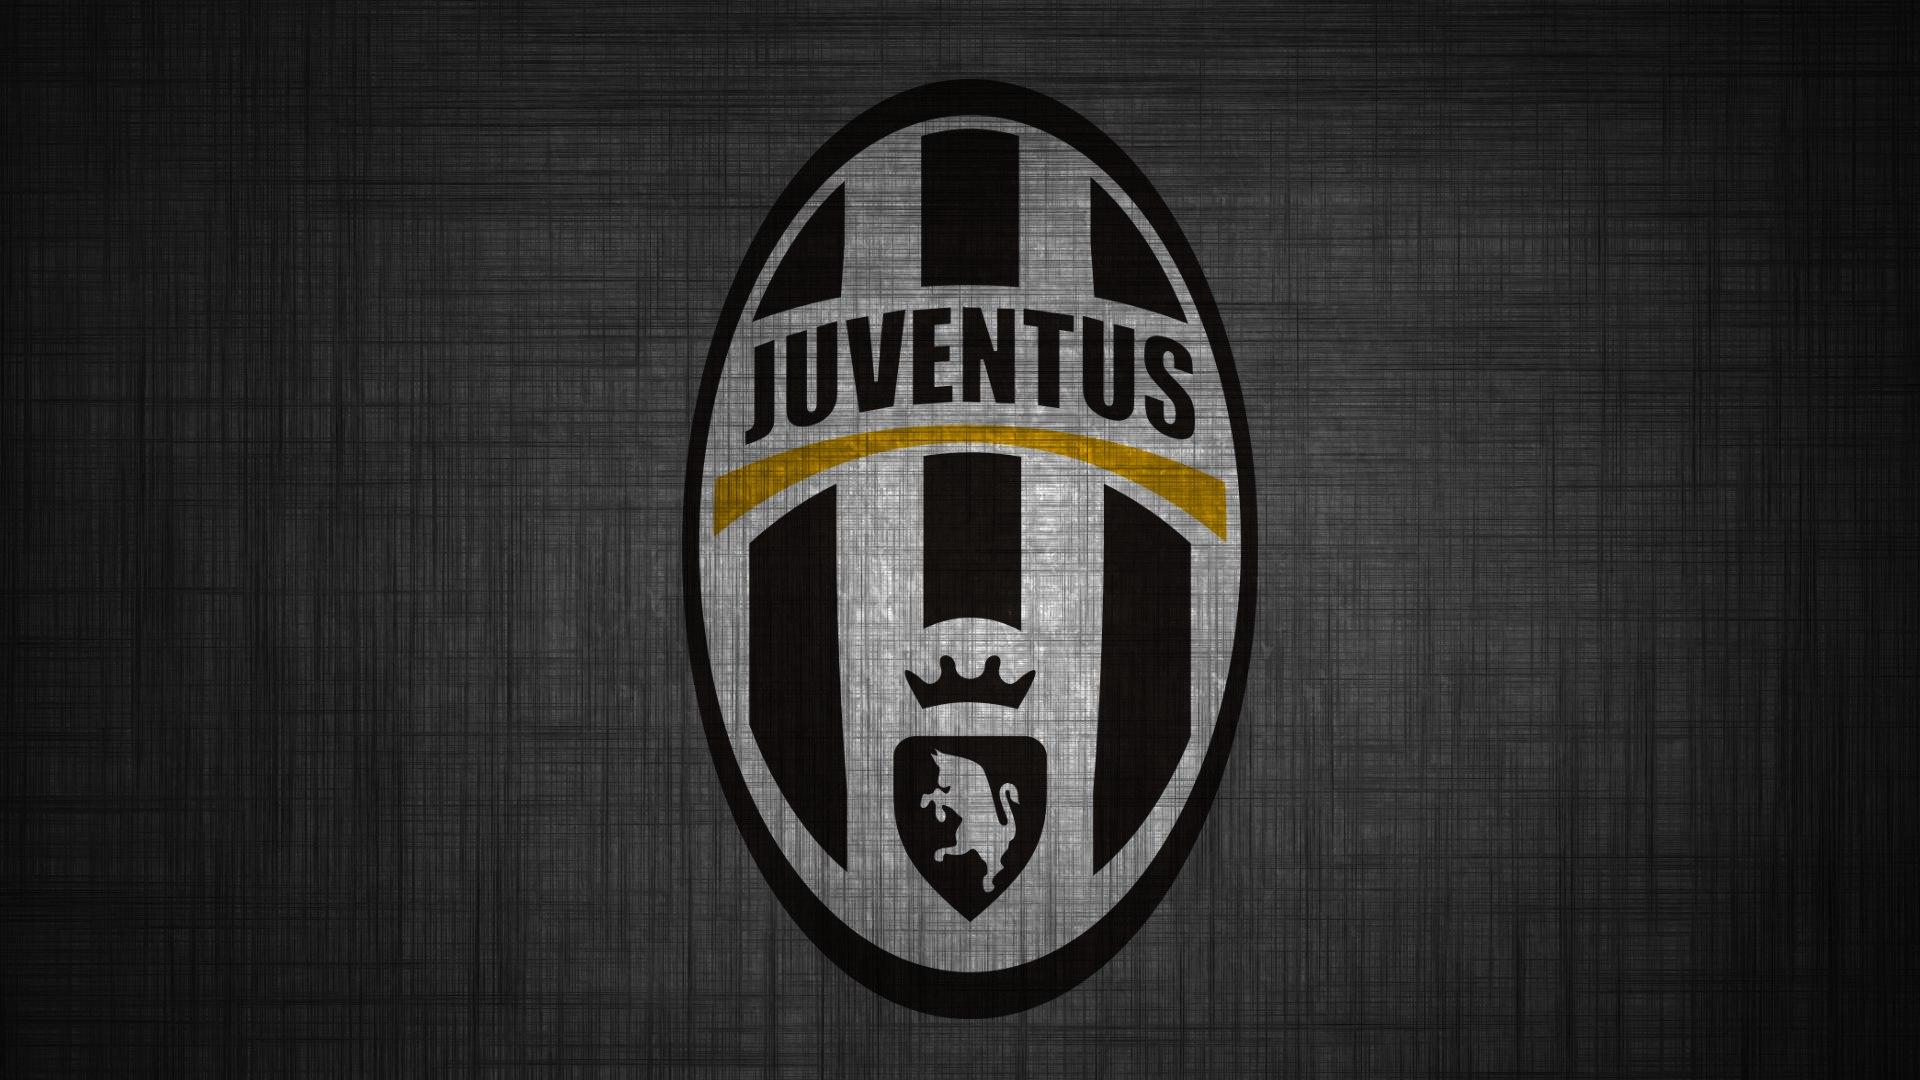 Juventus HD Wallpapers Wallpaper 1920x1080